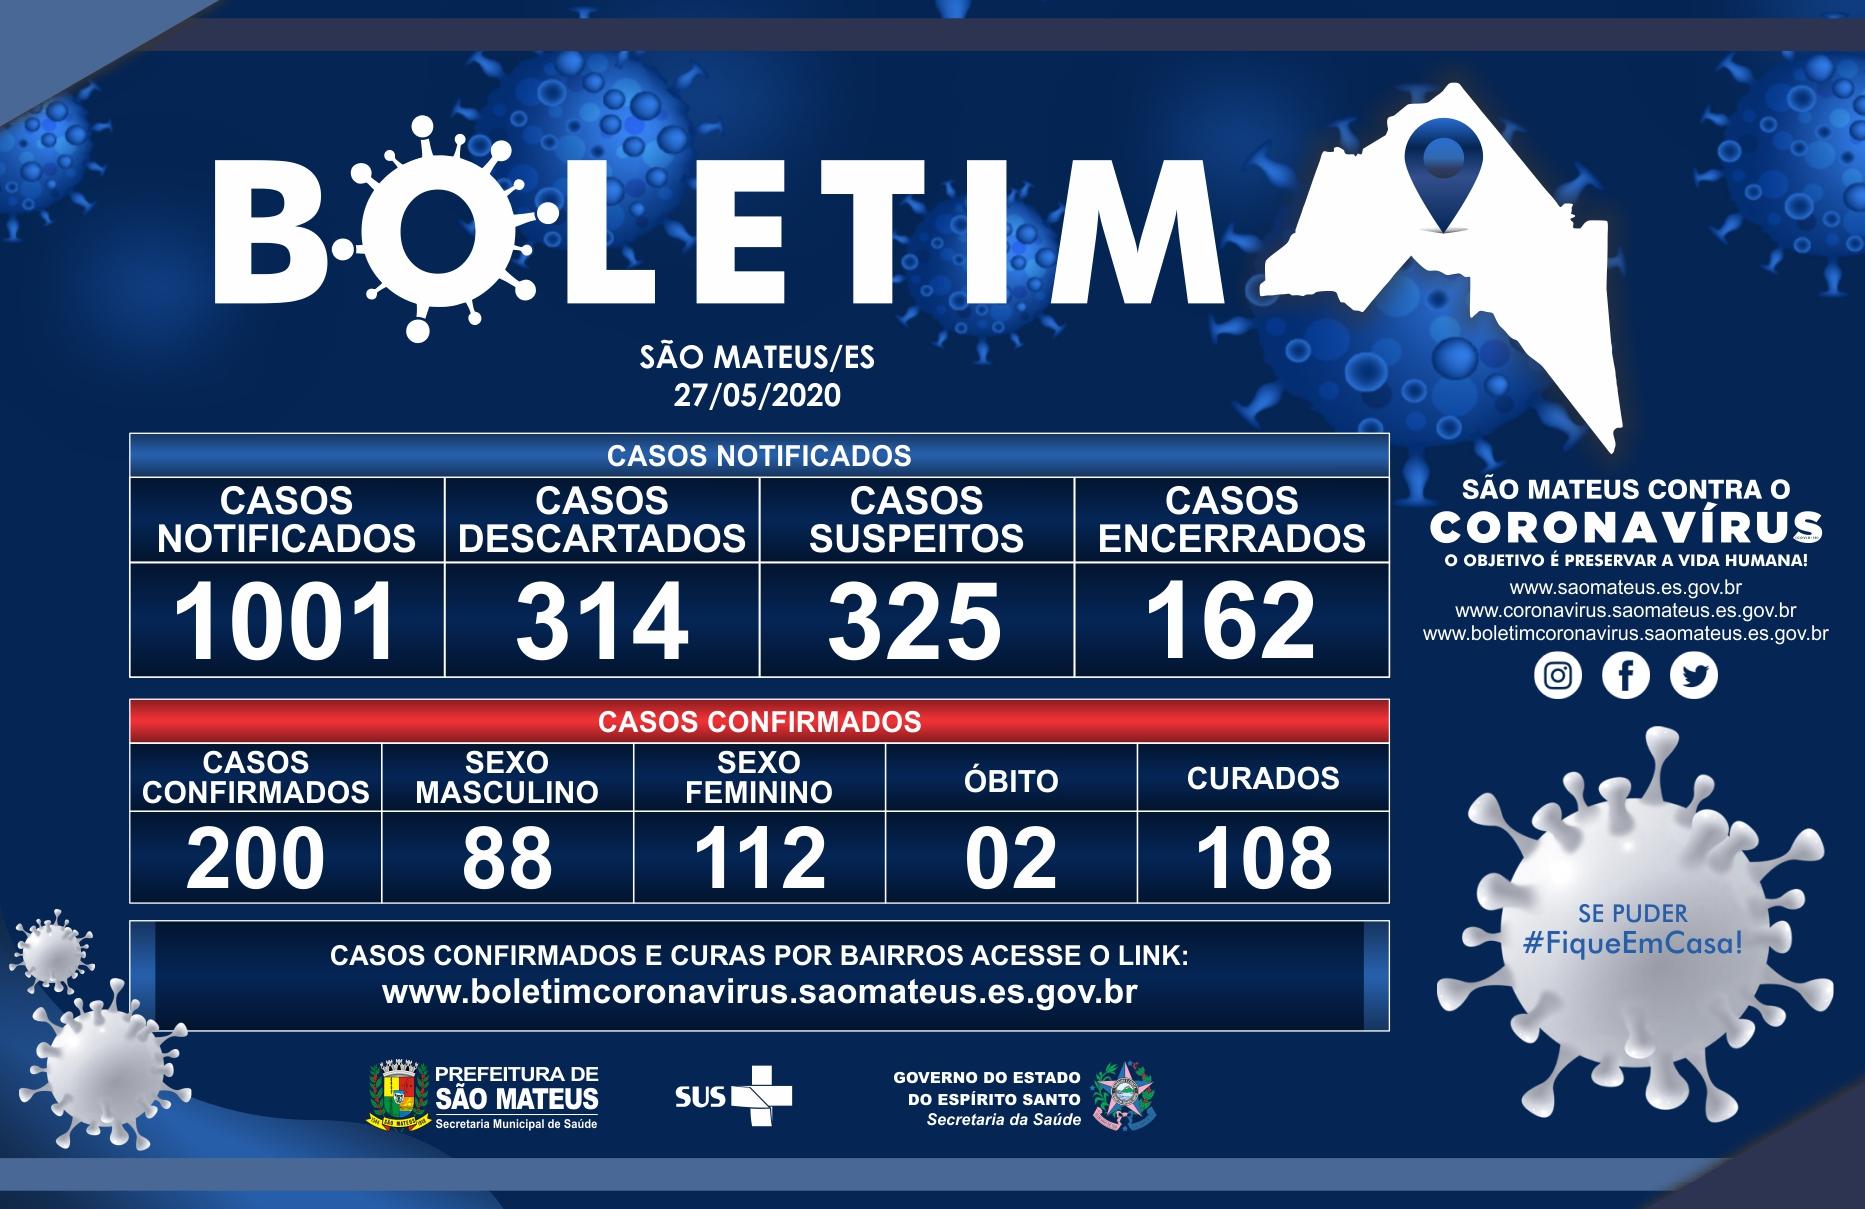 QUARTA-FEIRA, 27 DE MAIO DE 2020: SÃO MATEUS CHEGA A 200 CASOS DE CORONAVÍRUS CONFIRMADOS